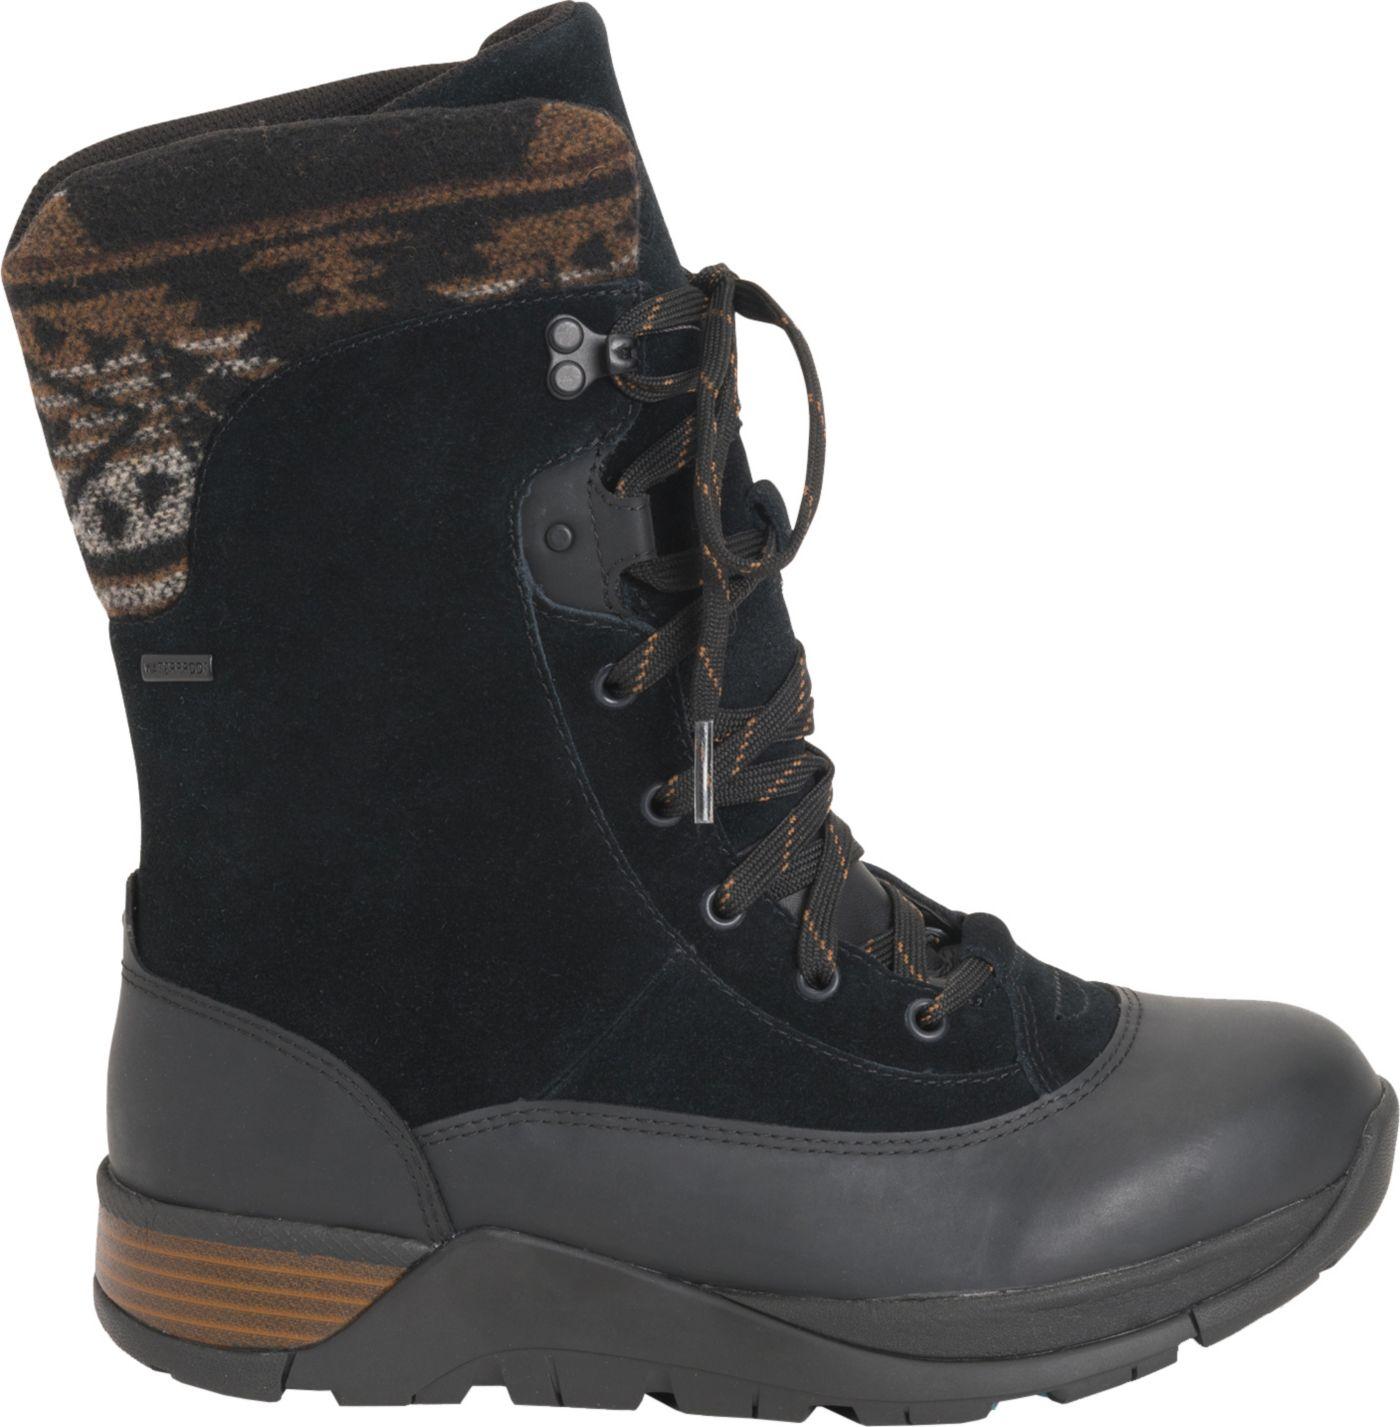 Muck Boots Women's Arctic Apres II Lace Waterproof Winter Boots